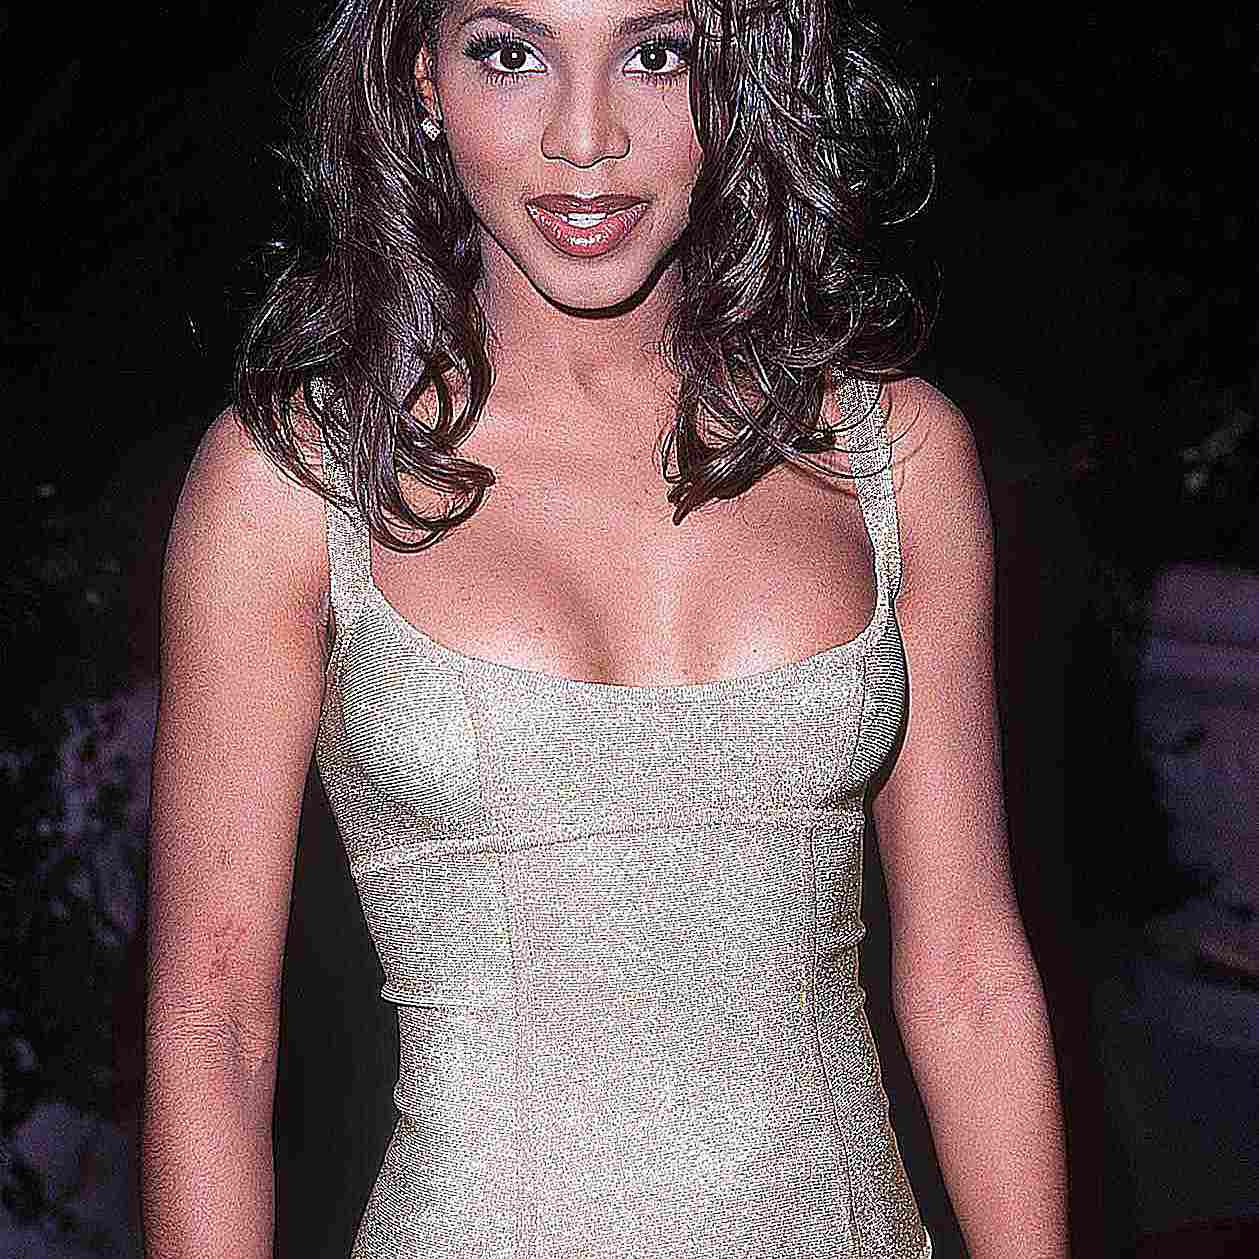 Toni Braxton in a grey dress